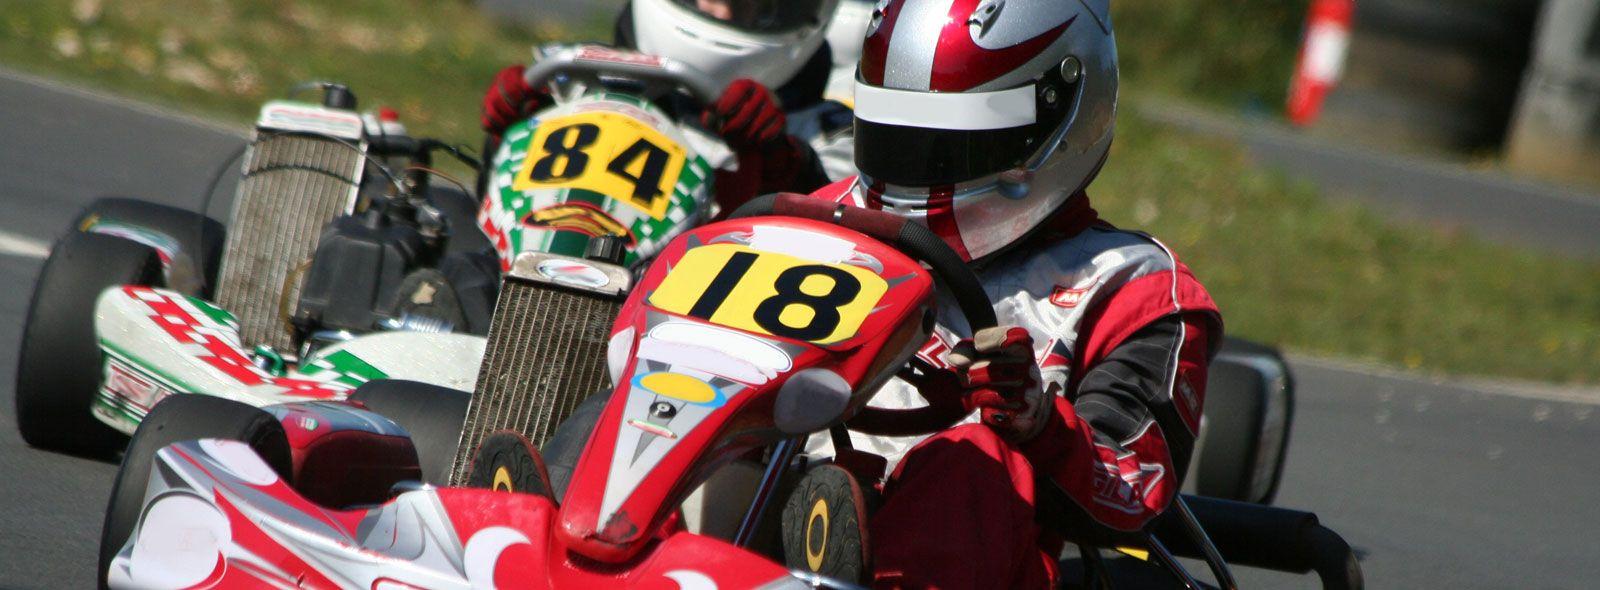 Go Kart Torino